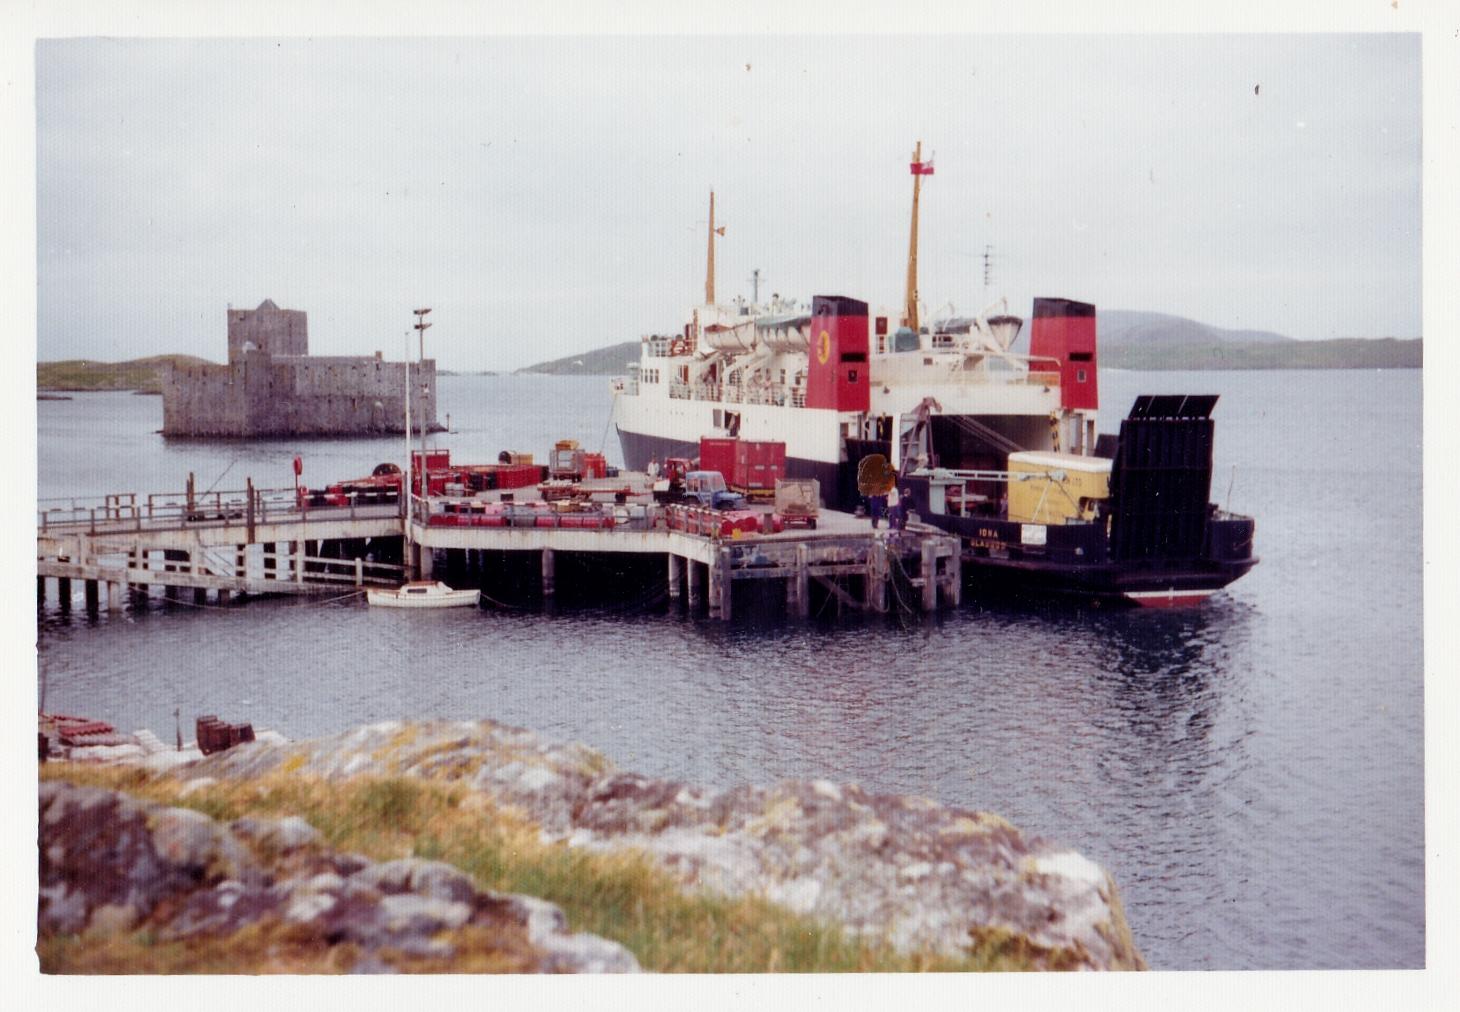 Iona at Castlebay (Jim Aikman Smith)